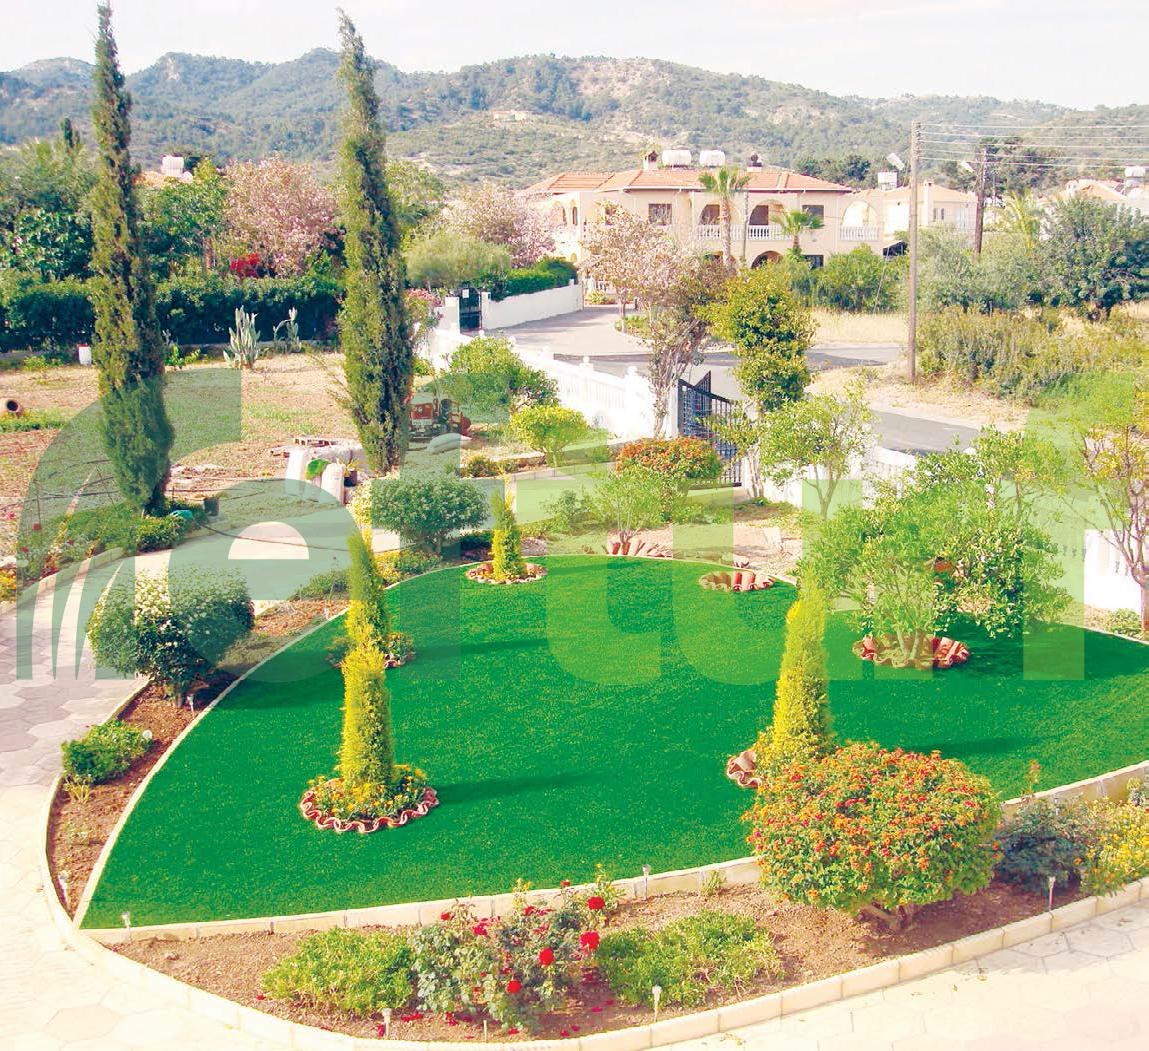 peyzaj, dekoratif çim, kalp şeklinde bahçe, kalp sentetik çim,  bahçe  düzenlenmesi,